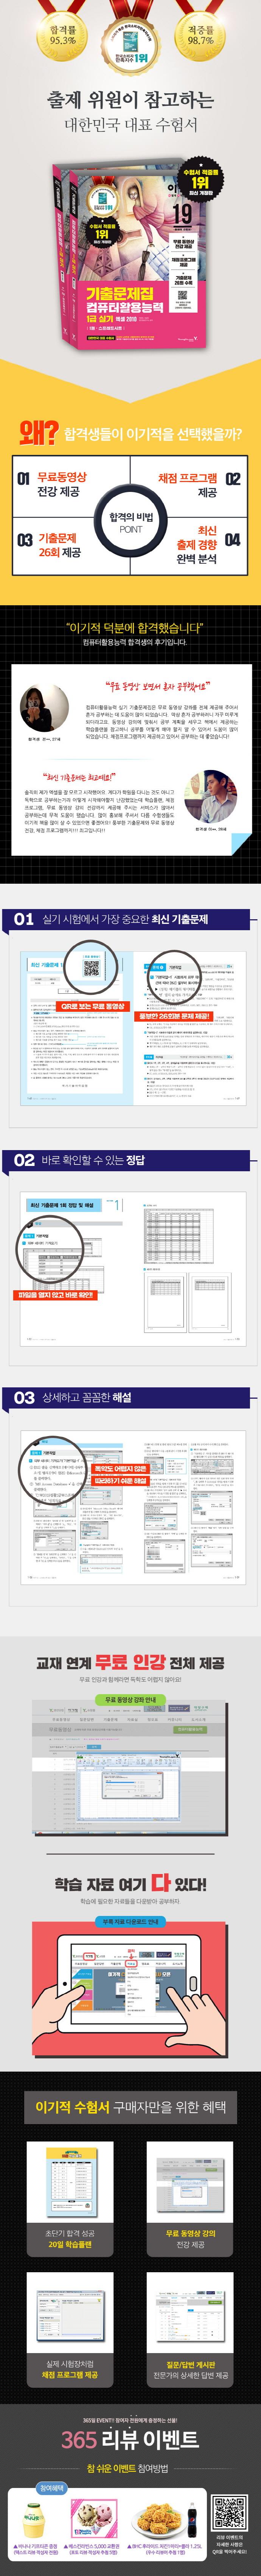 컴퓨터활용능력 1급 실기 기출문제집(2019)(이기적)(전2권) 도서 상세이미지